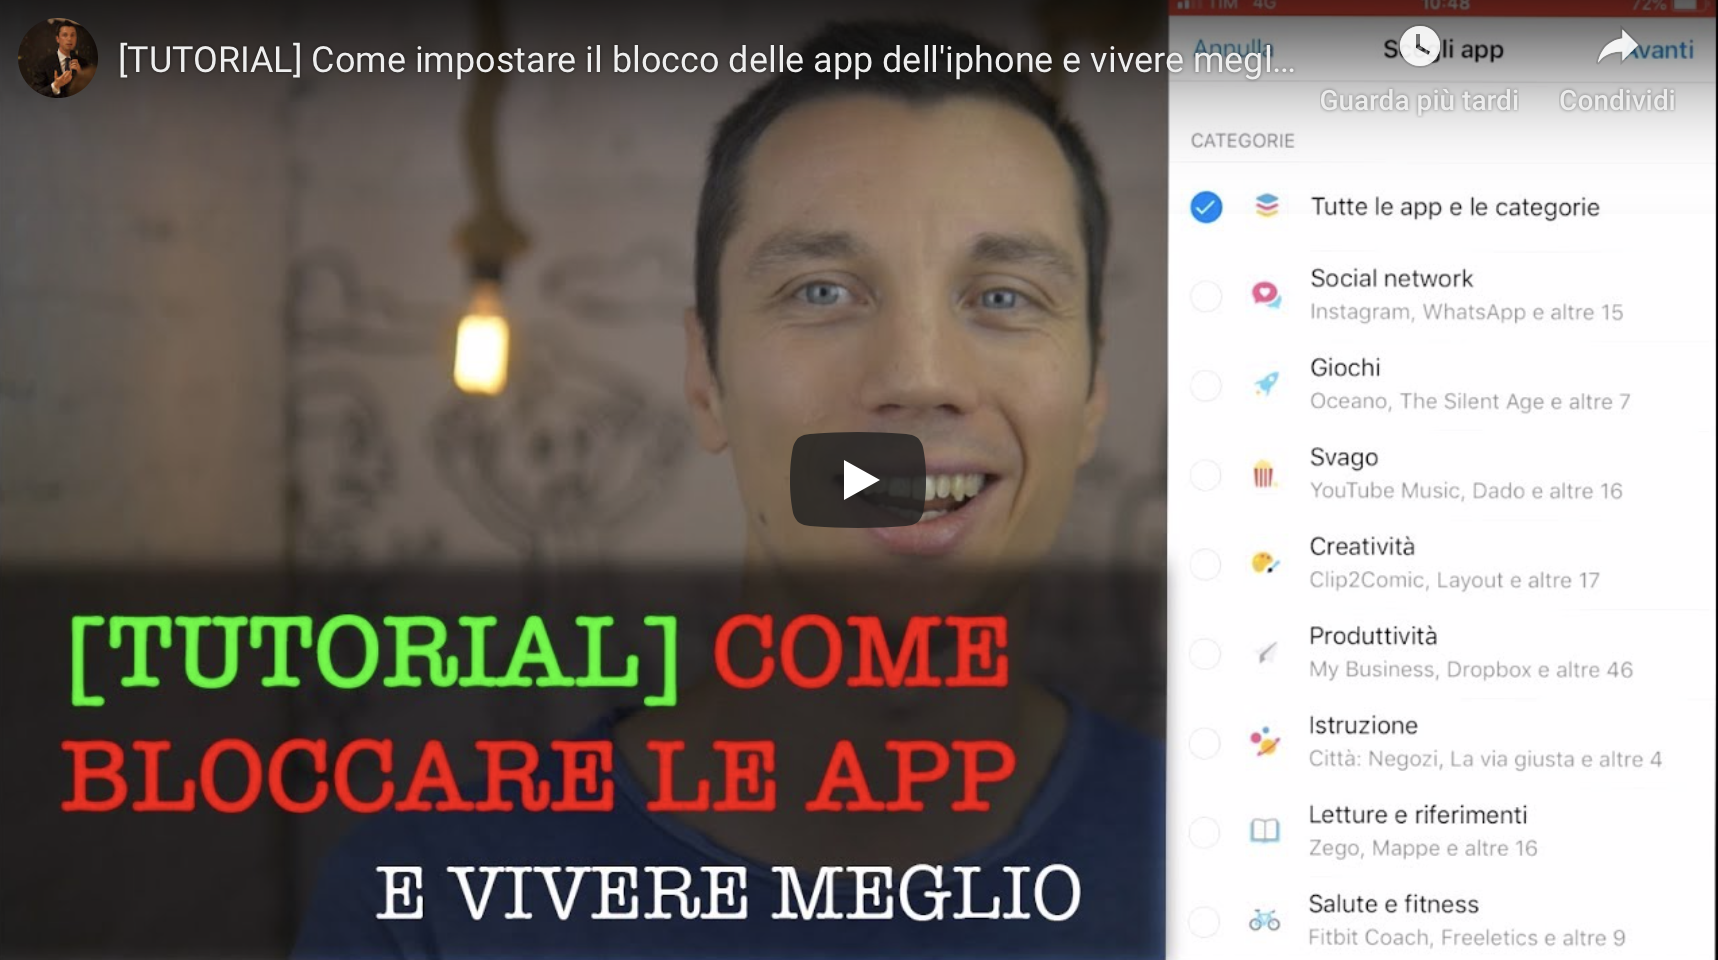 Tutorial come bloccare app iphone | Andrea Visconti